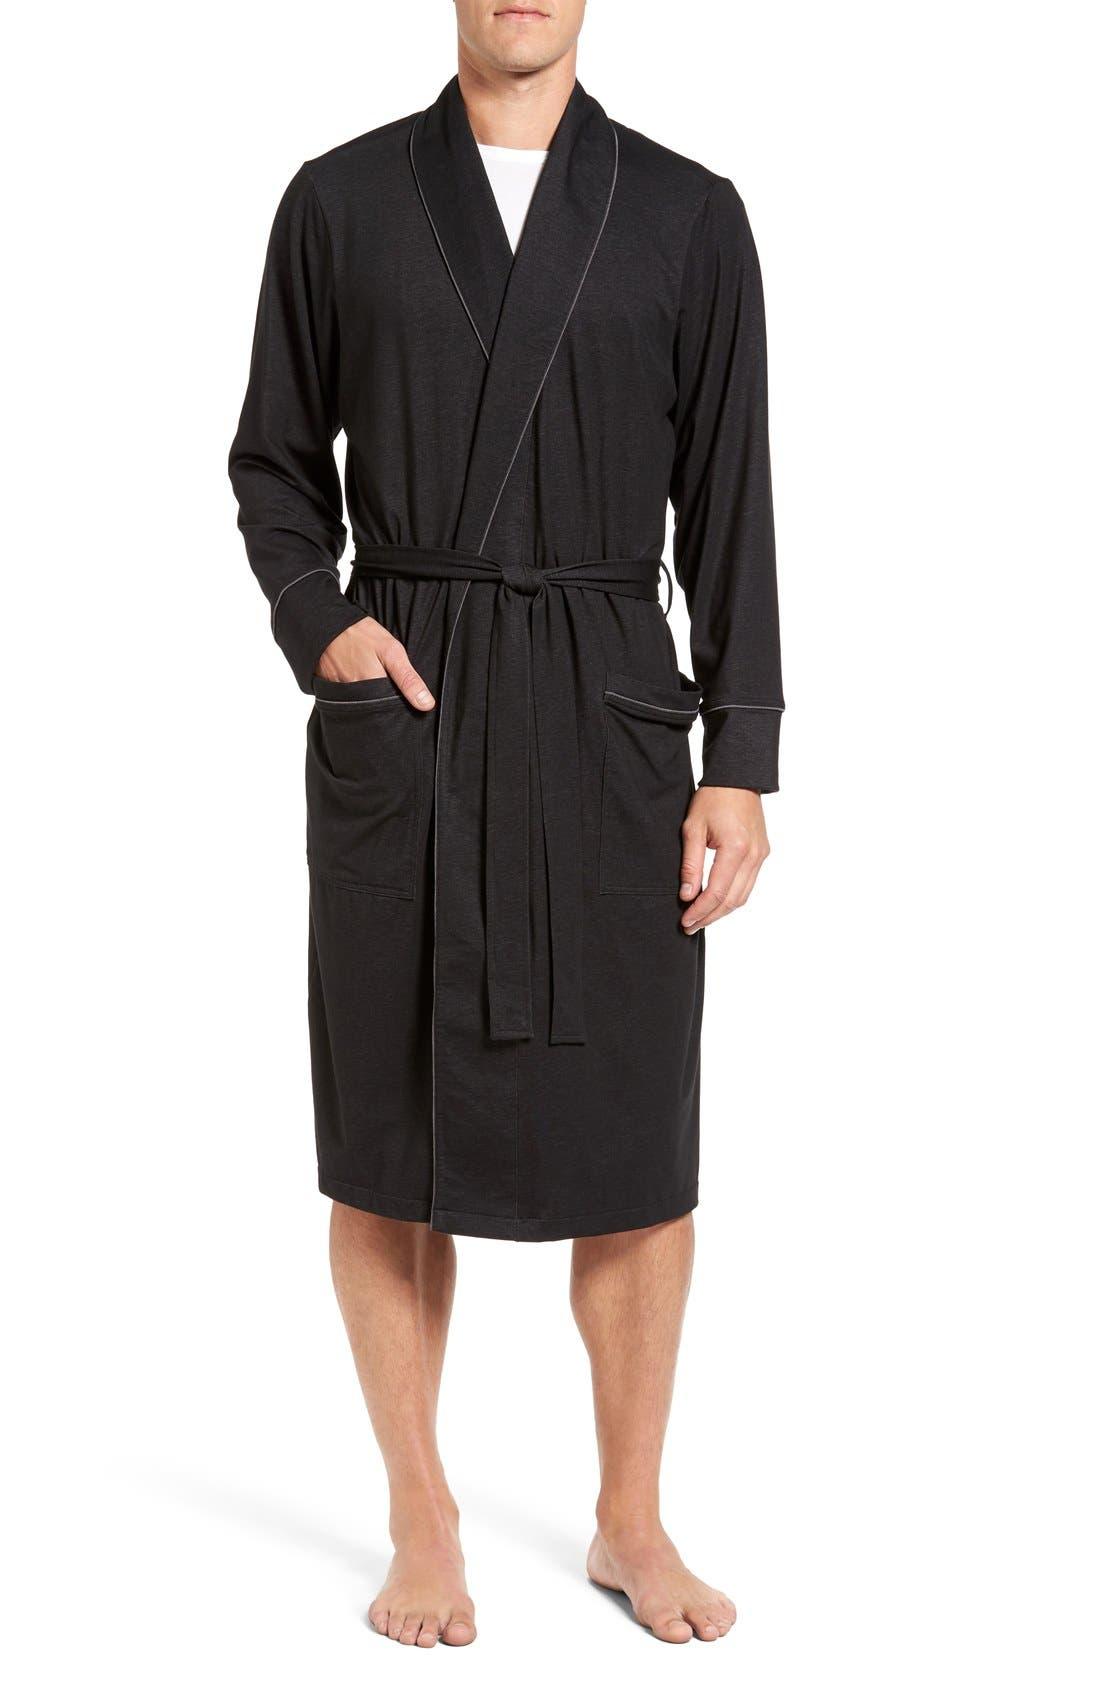 Alternate Image 1 Selected - Nordstrom Men's Shop Cotton Blend Robe